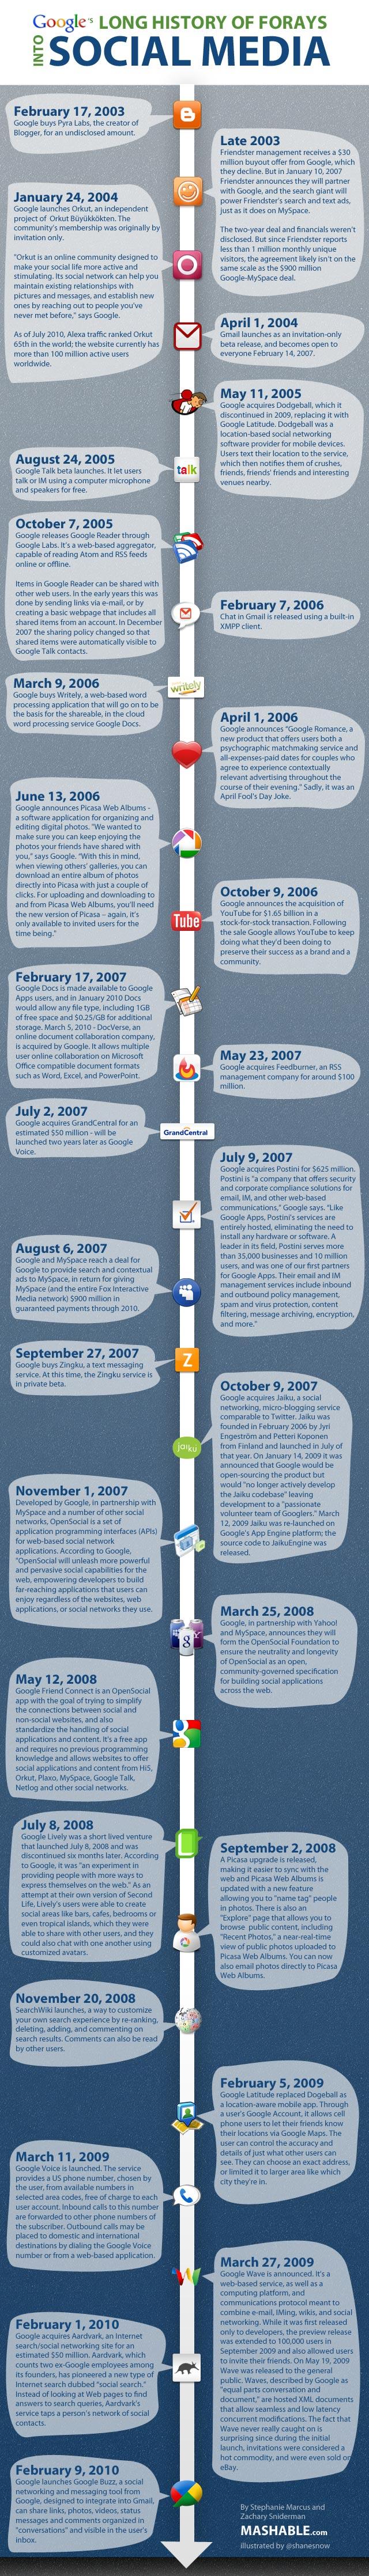 Google History of Google's Social Media